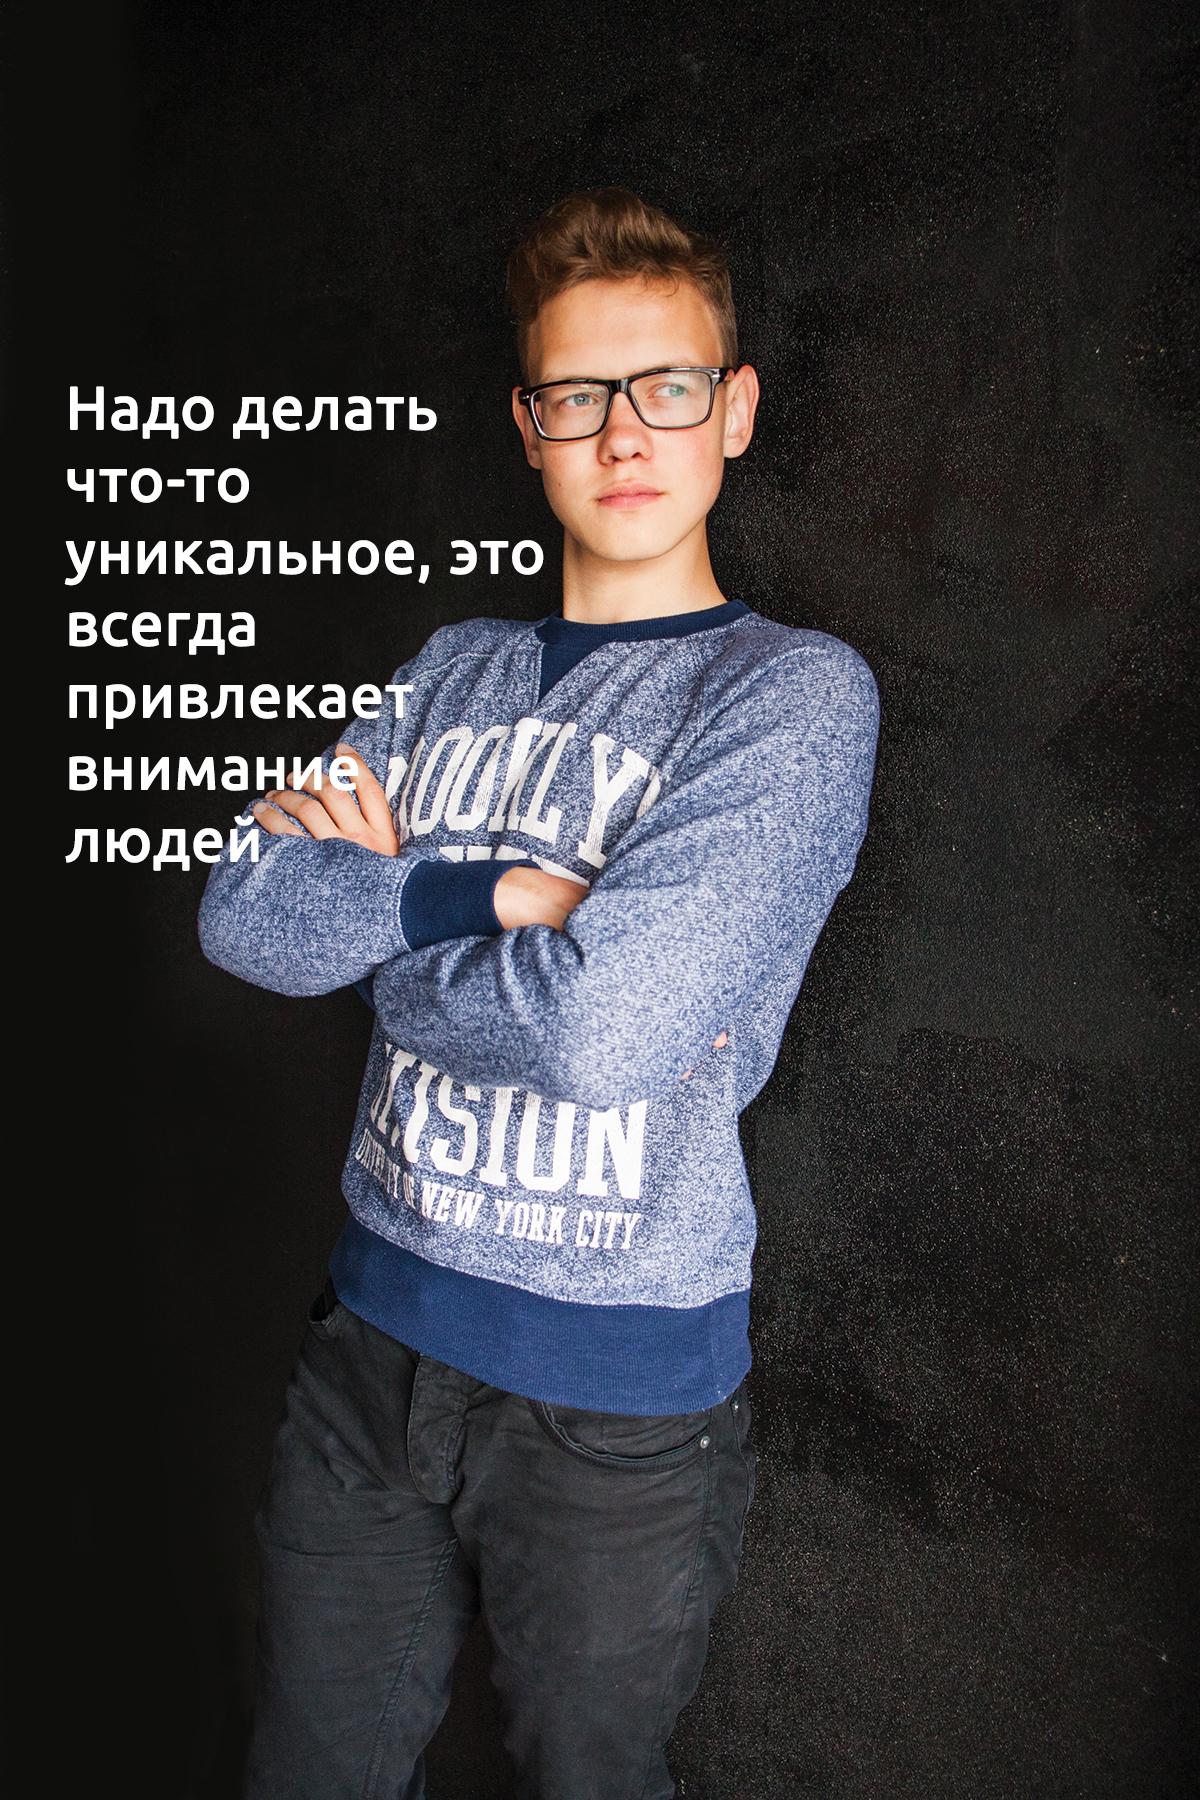 Иван_Суворов.jpg